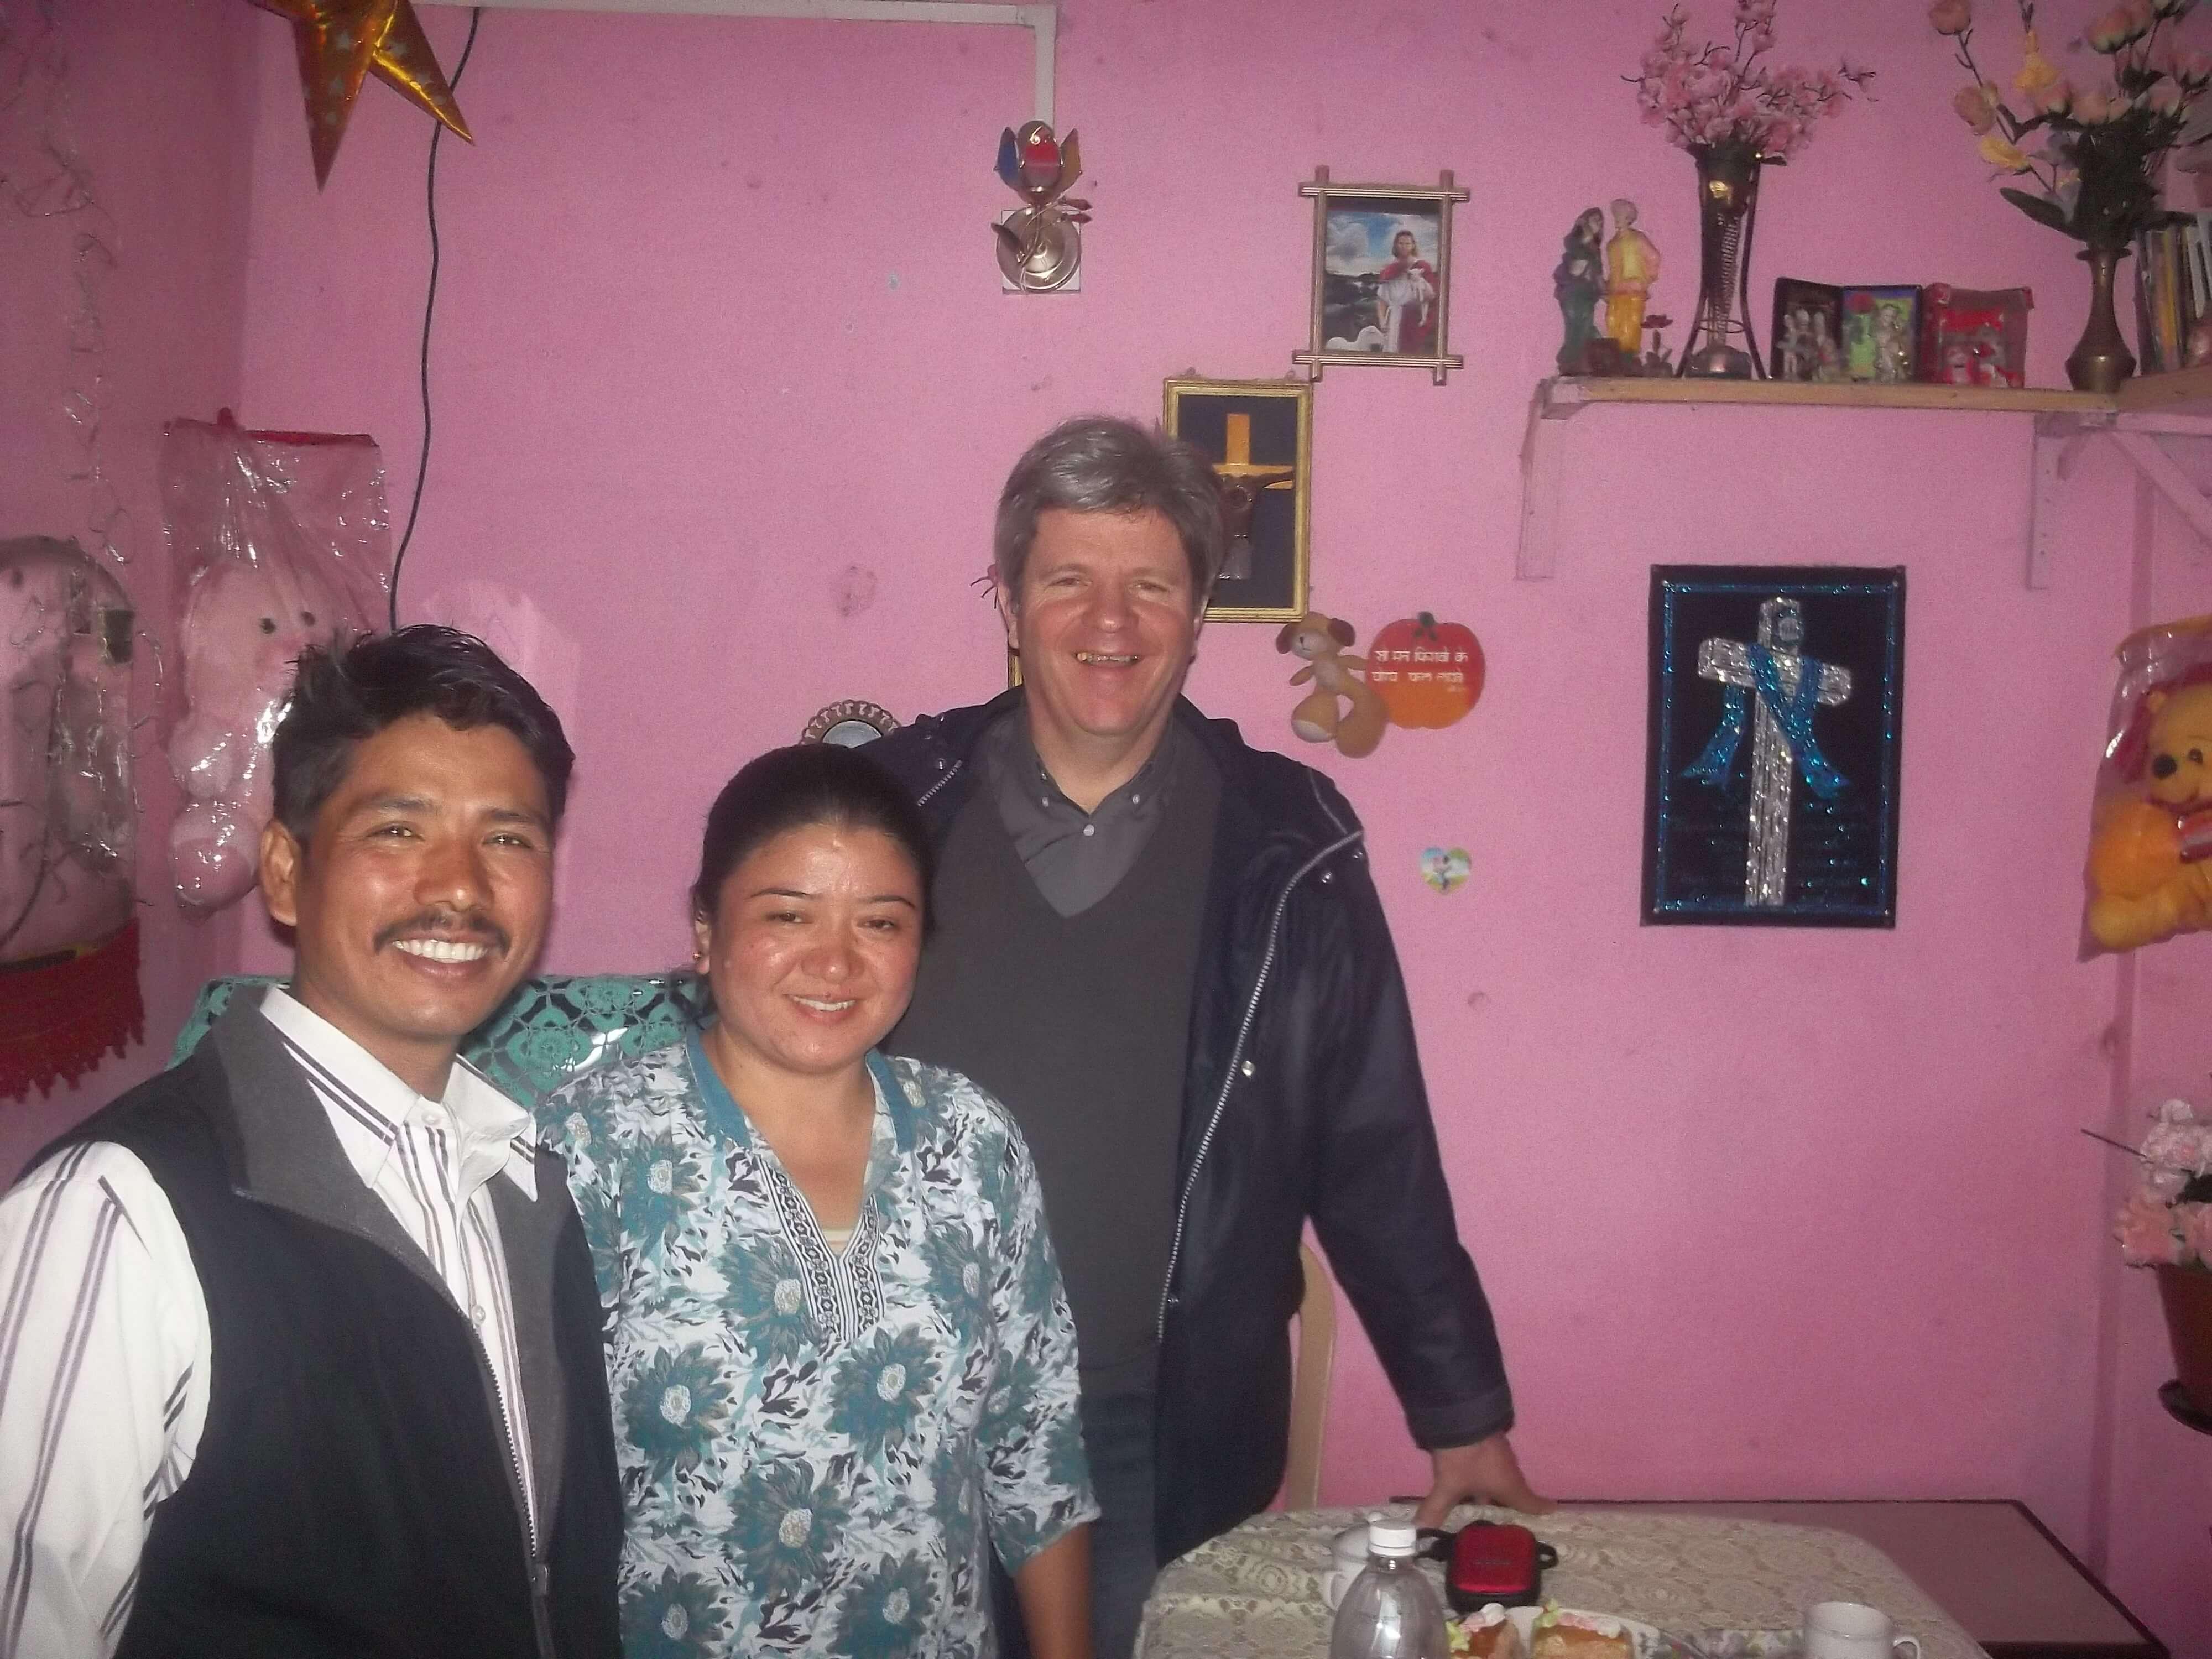 Le couple pastoral vit avec leur enfant dans une seule pièce !